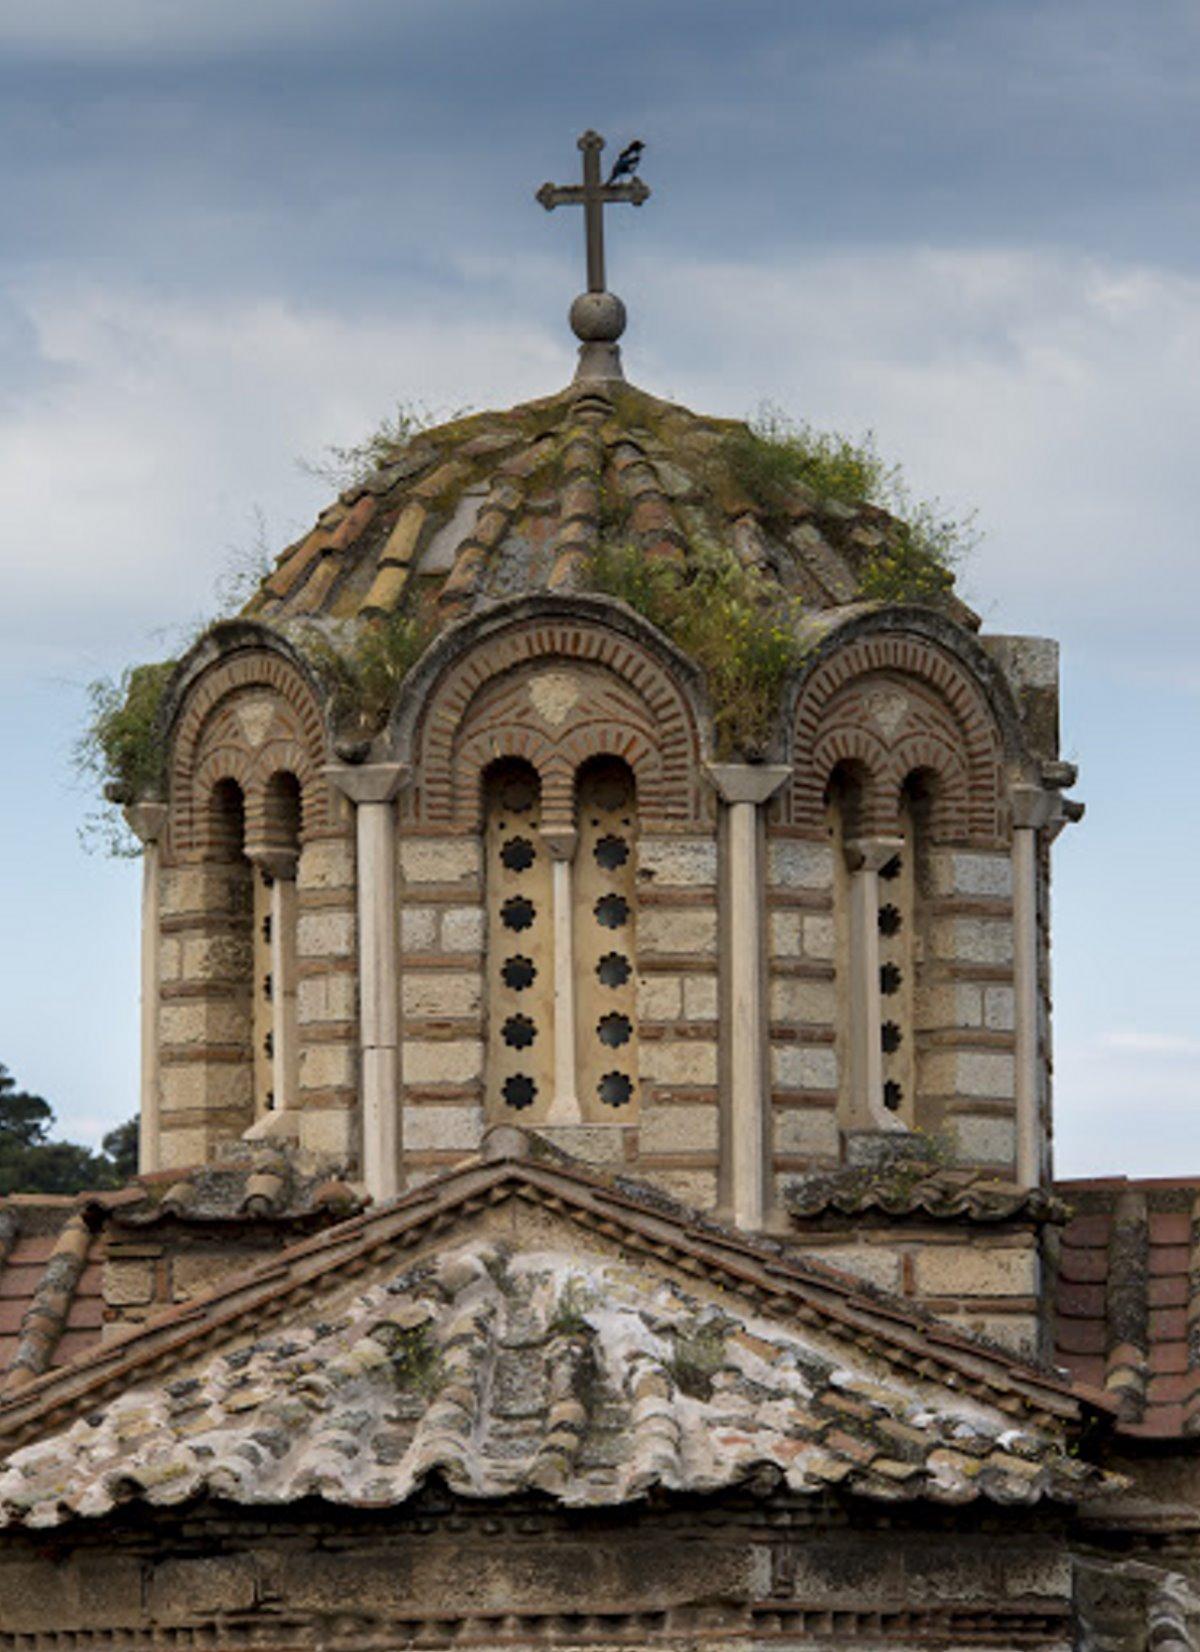 Ναός Αγίων Αποστόλων Αθήνα παλαιότερη εκκλησία